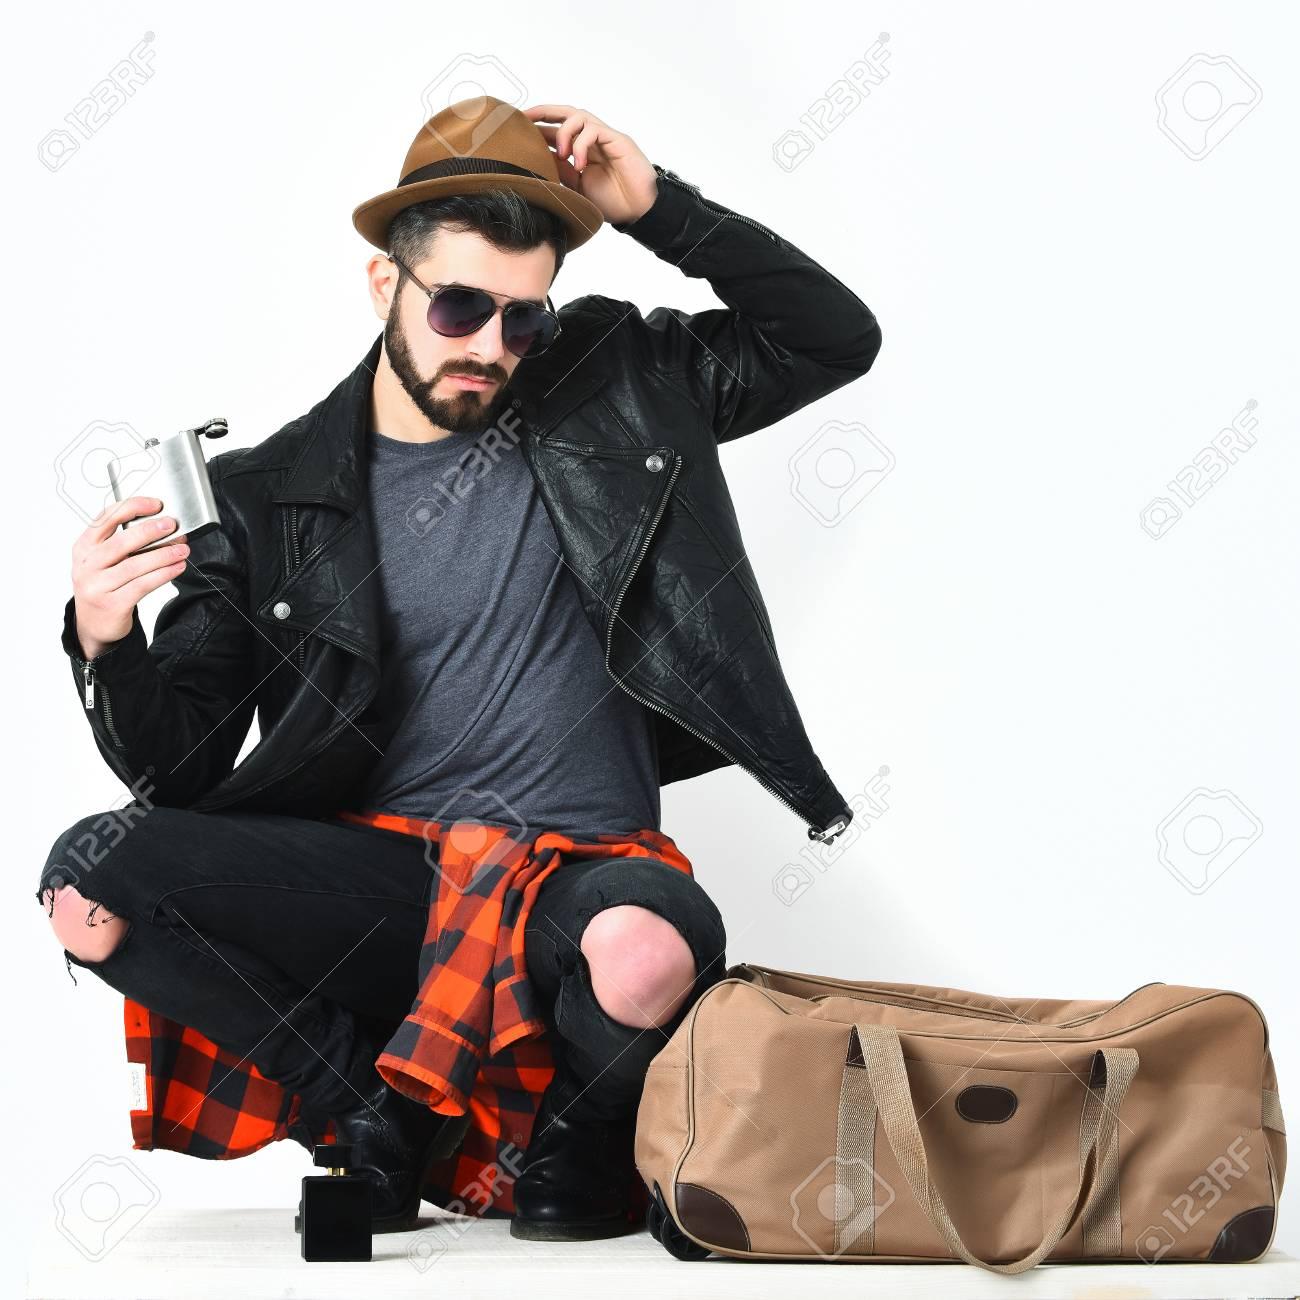 Hipster Roja Camisa Jeans Barba Sol A Cuero Matraz Barba Cuadros Con Negro De Y Gafas En Hombre Rotos Chaqueta Caucásico Corta HIwqZ6nC